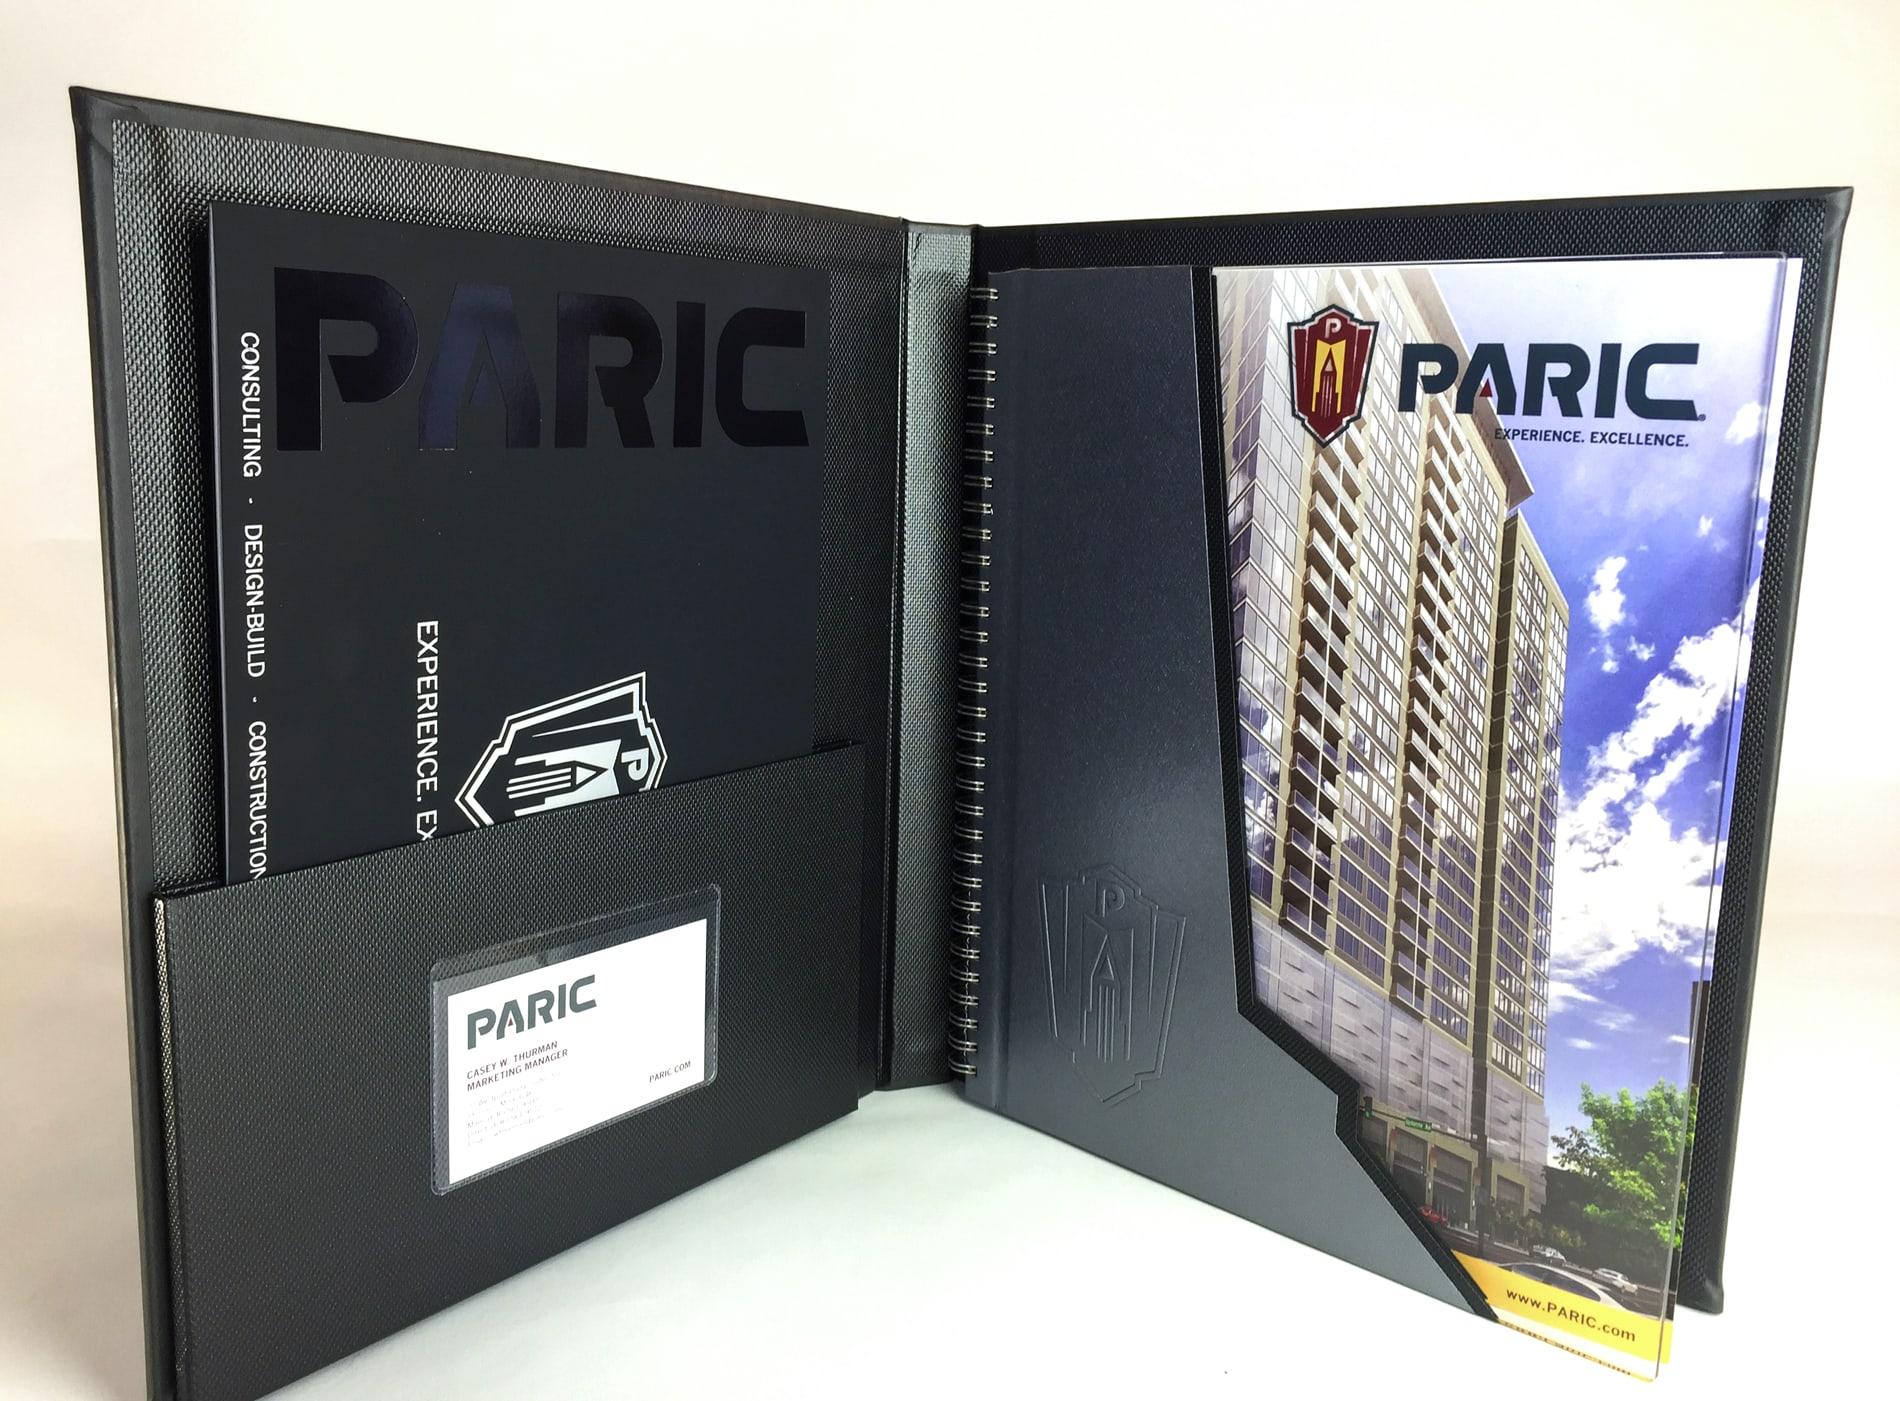 paric-pic-1-web